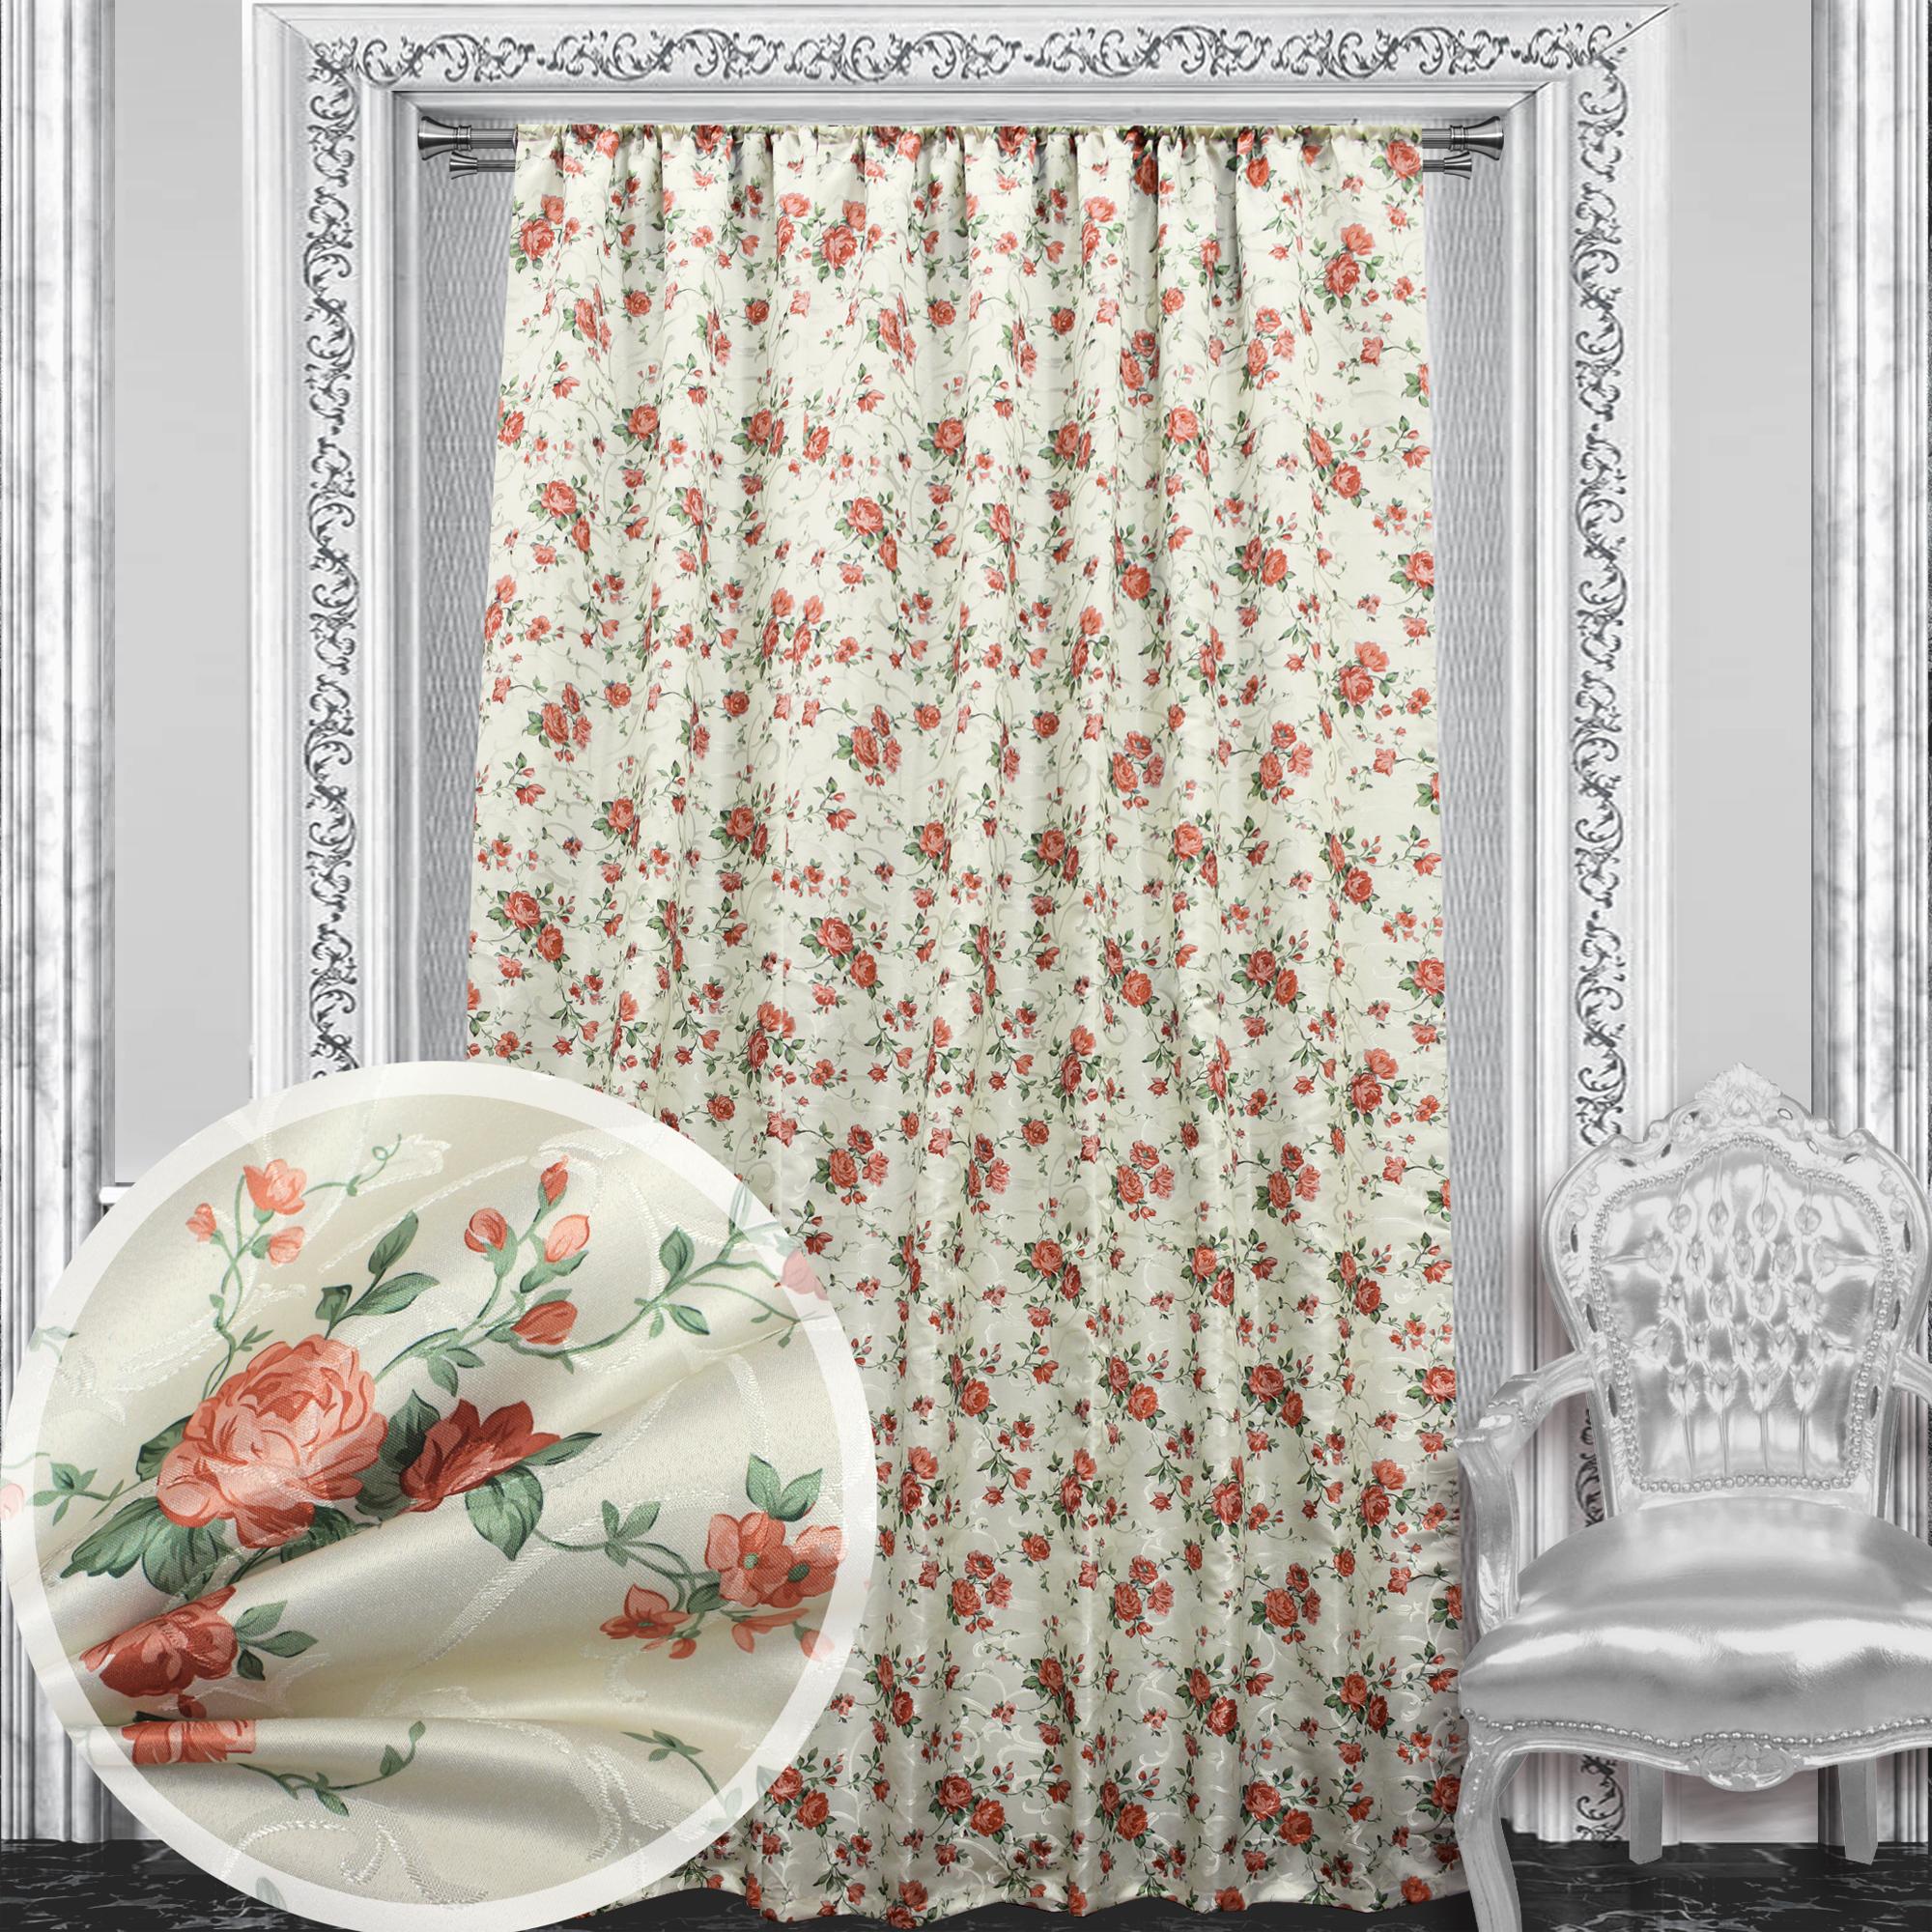 Купить Шторы Amore Mio, Классические шторы Carissa Цвет: Персиковый, Китай, Бежевый, Красный, Сатен